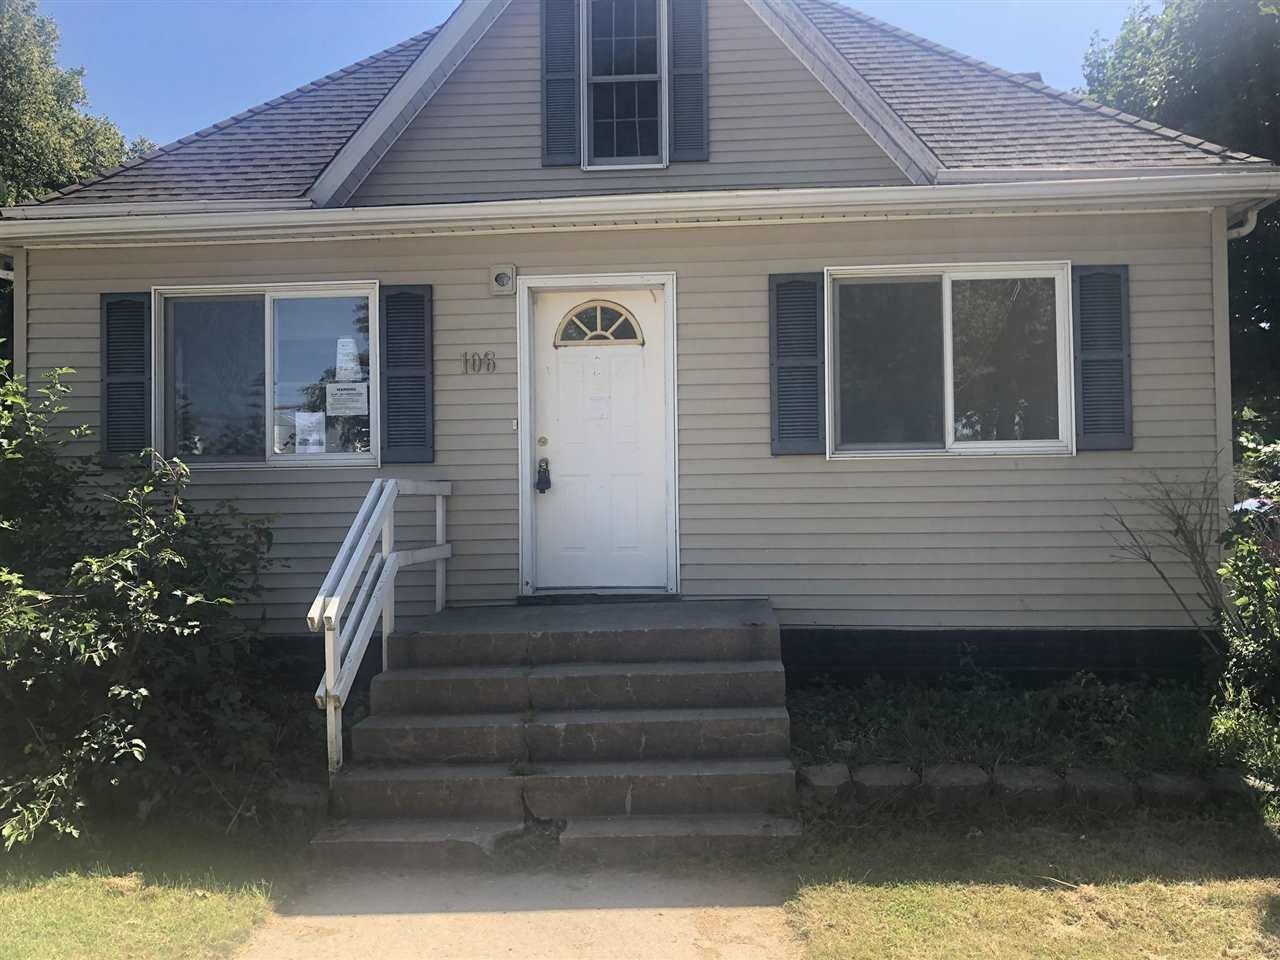 106 2nd Street, Everly, IA 51338